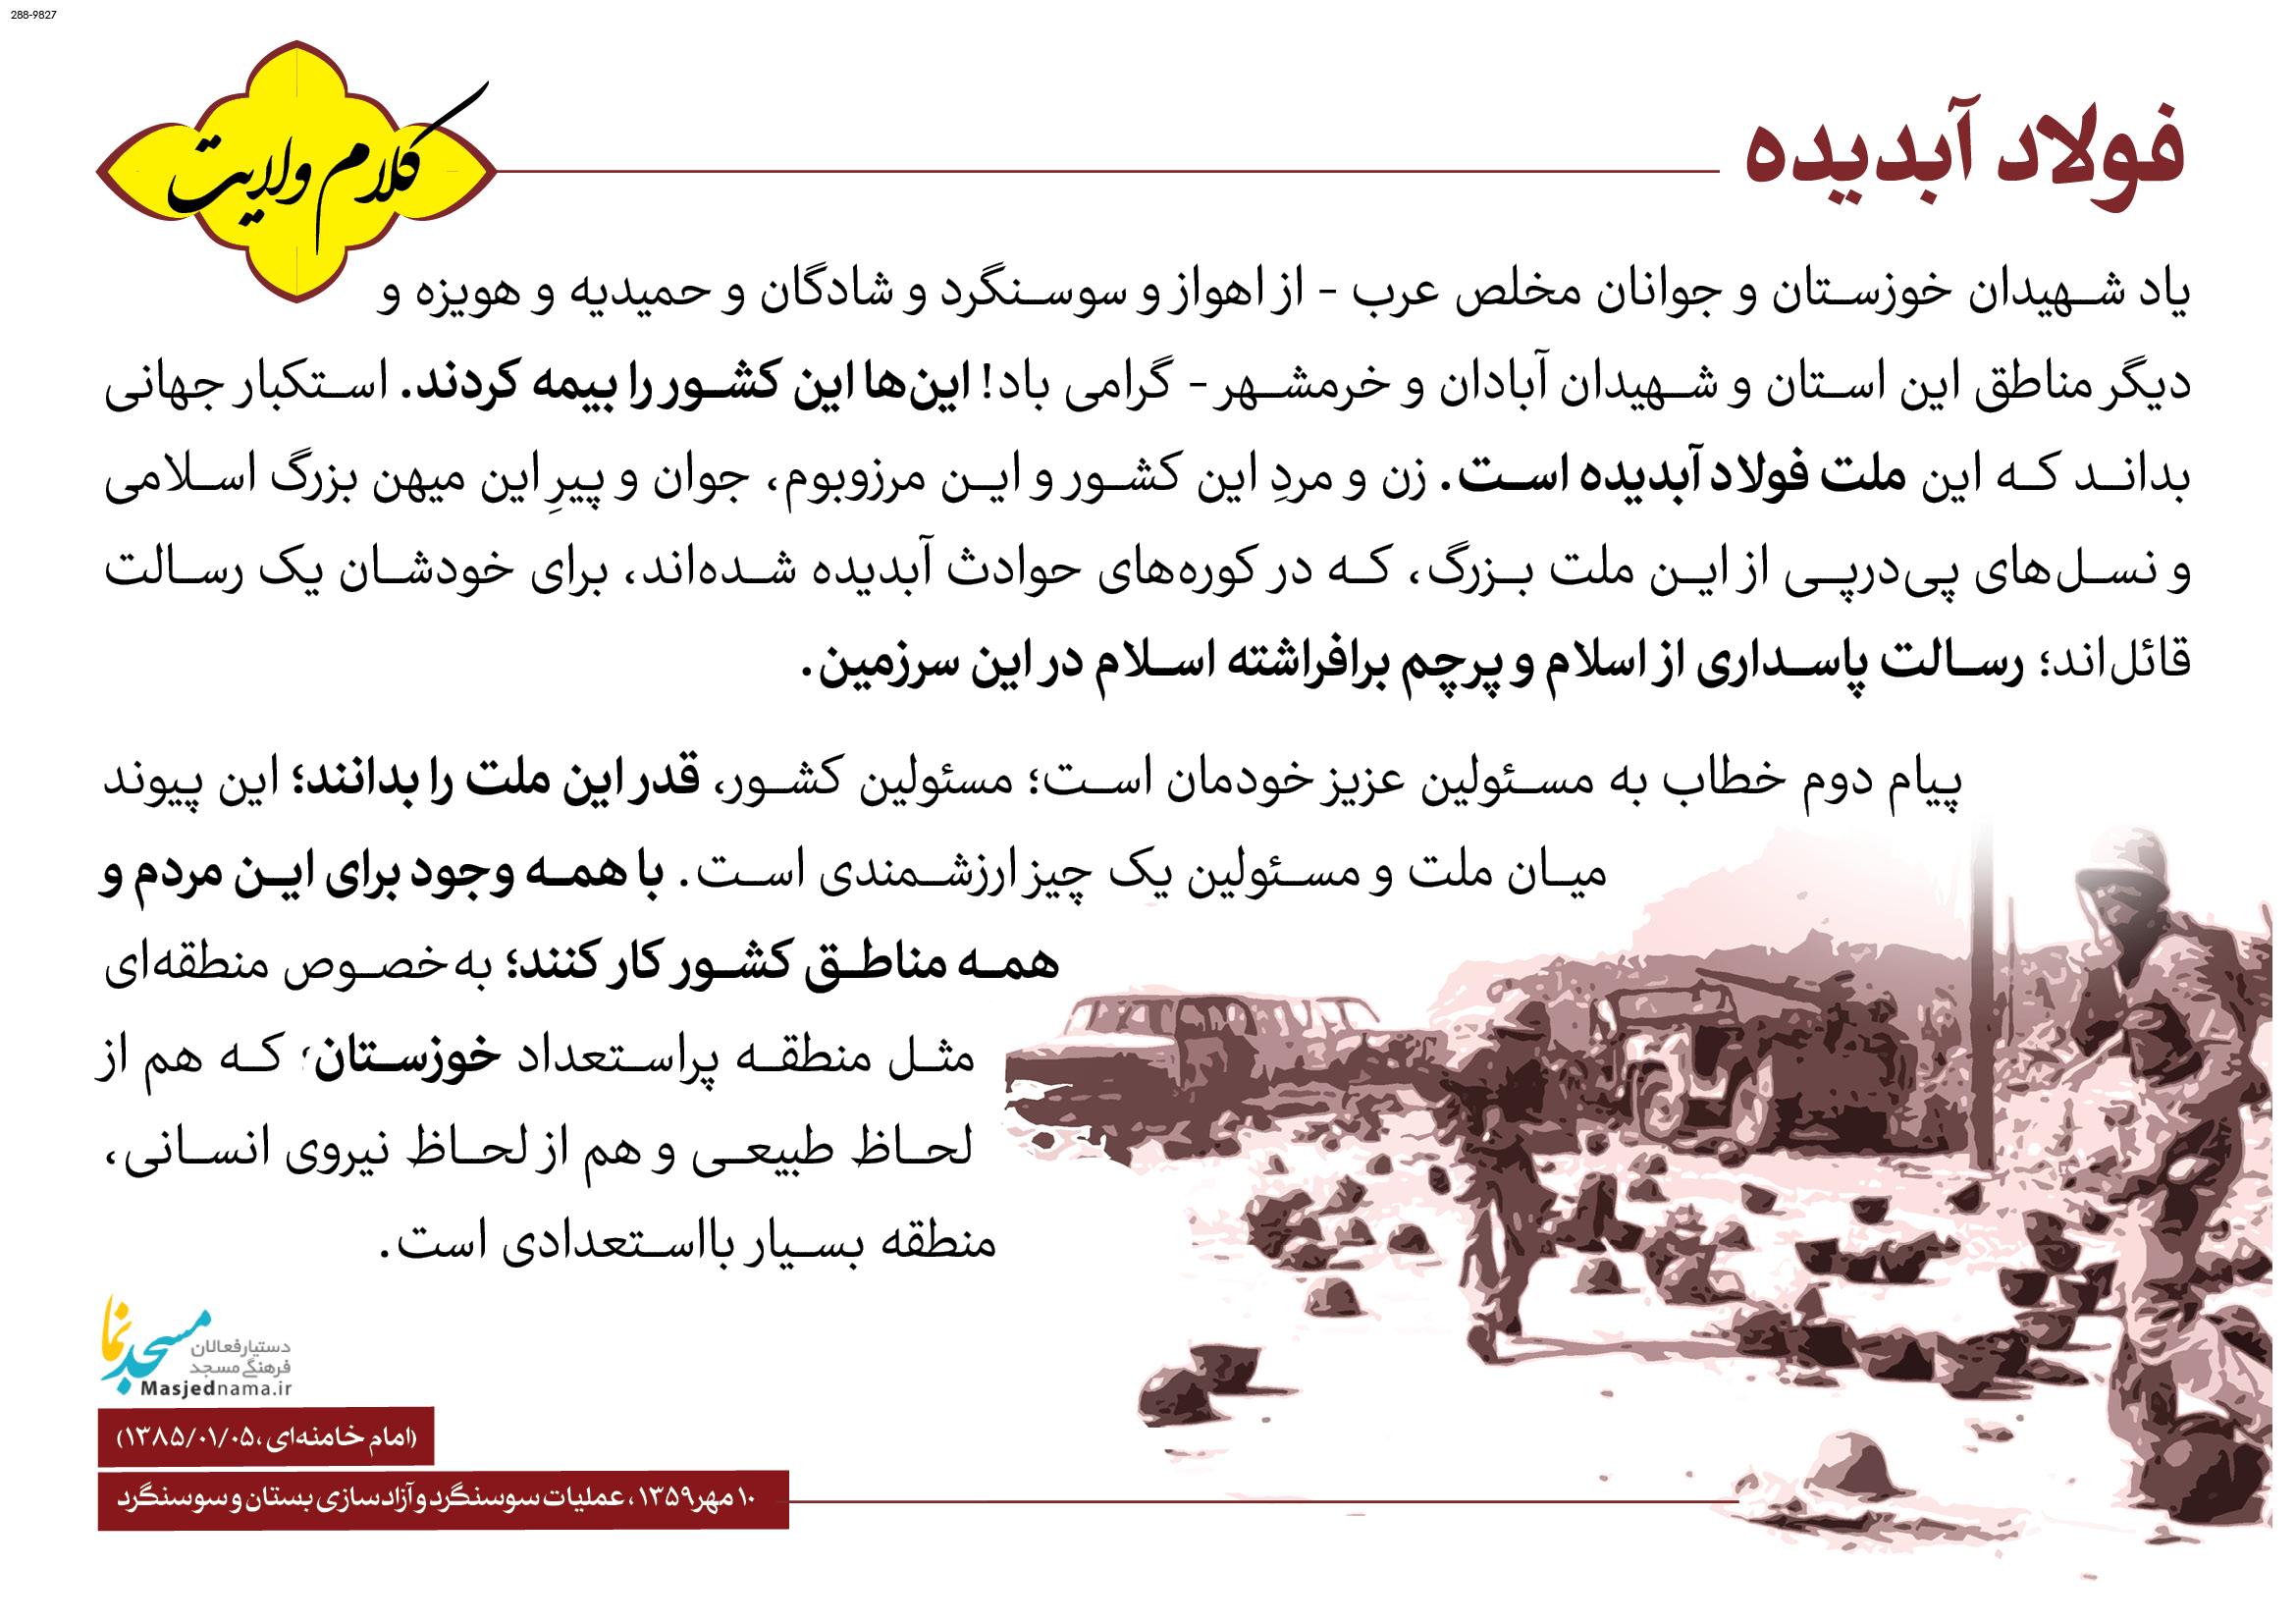 عملیات سوسنگرد و آزادسازی بستان و سوسنگرد